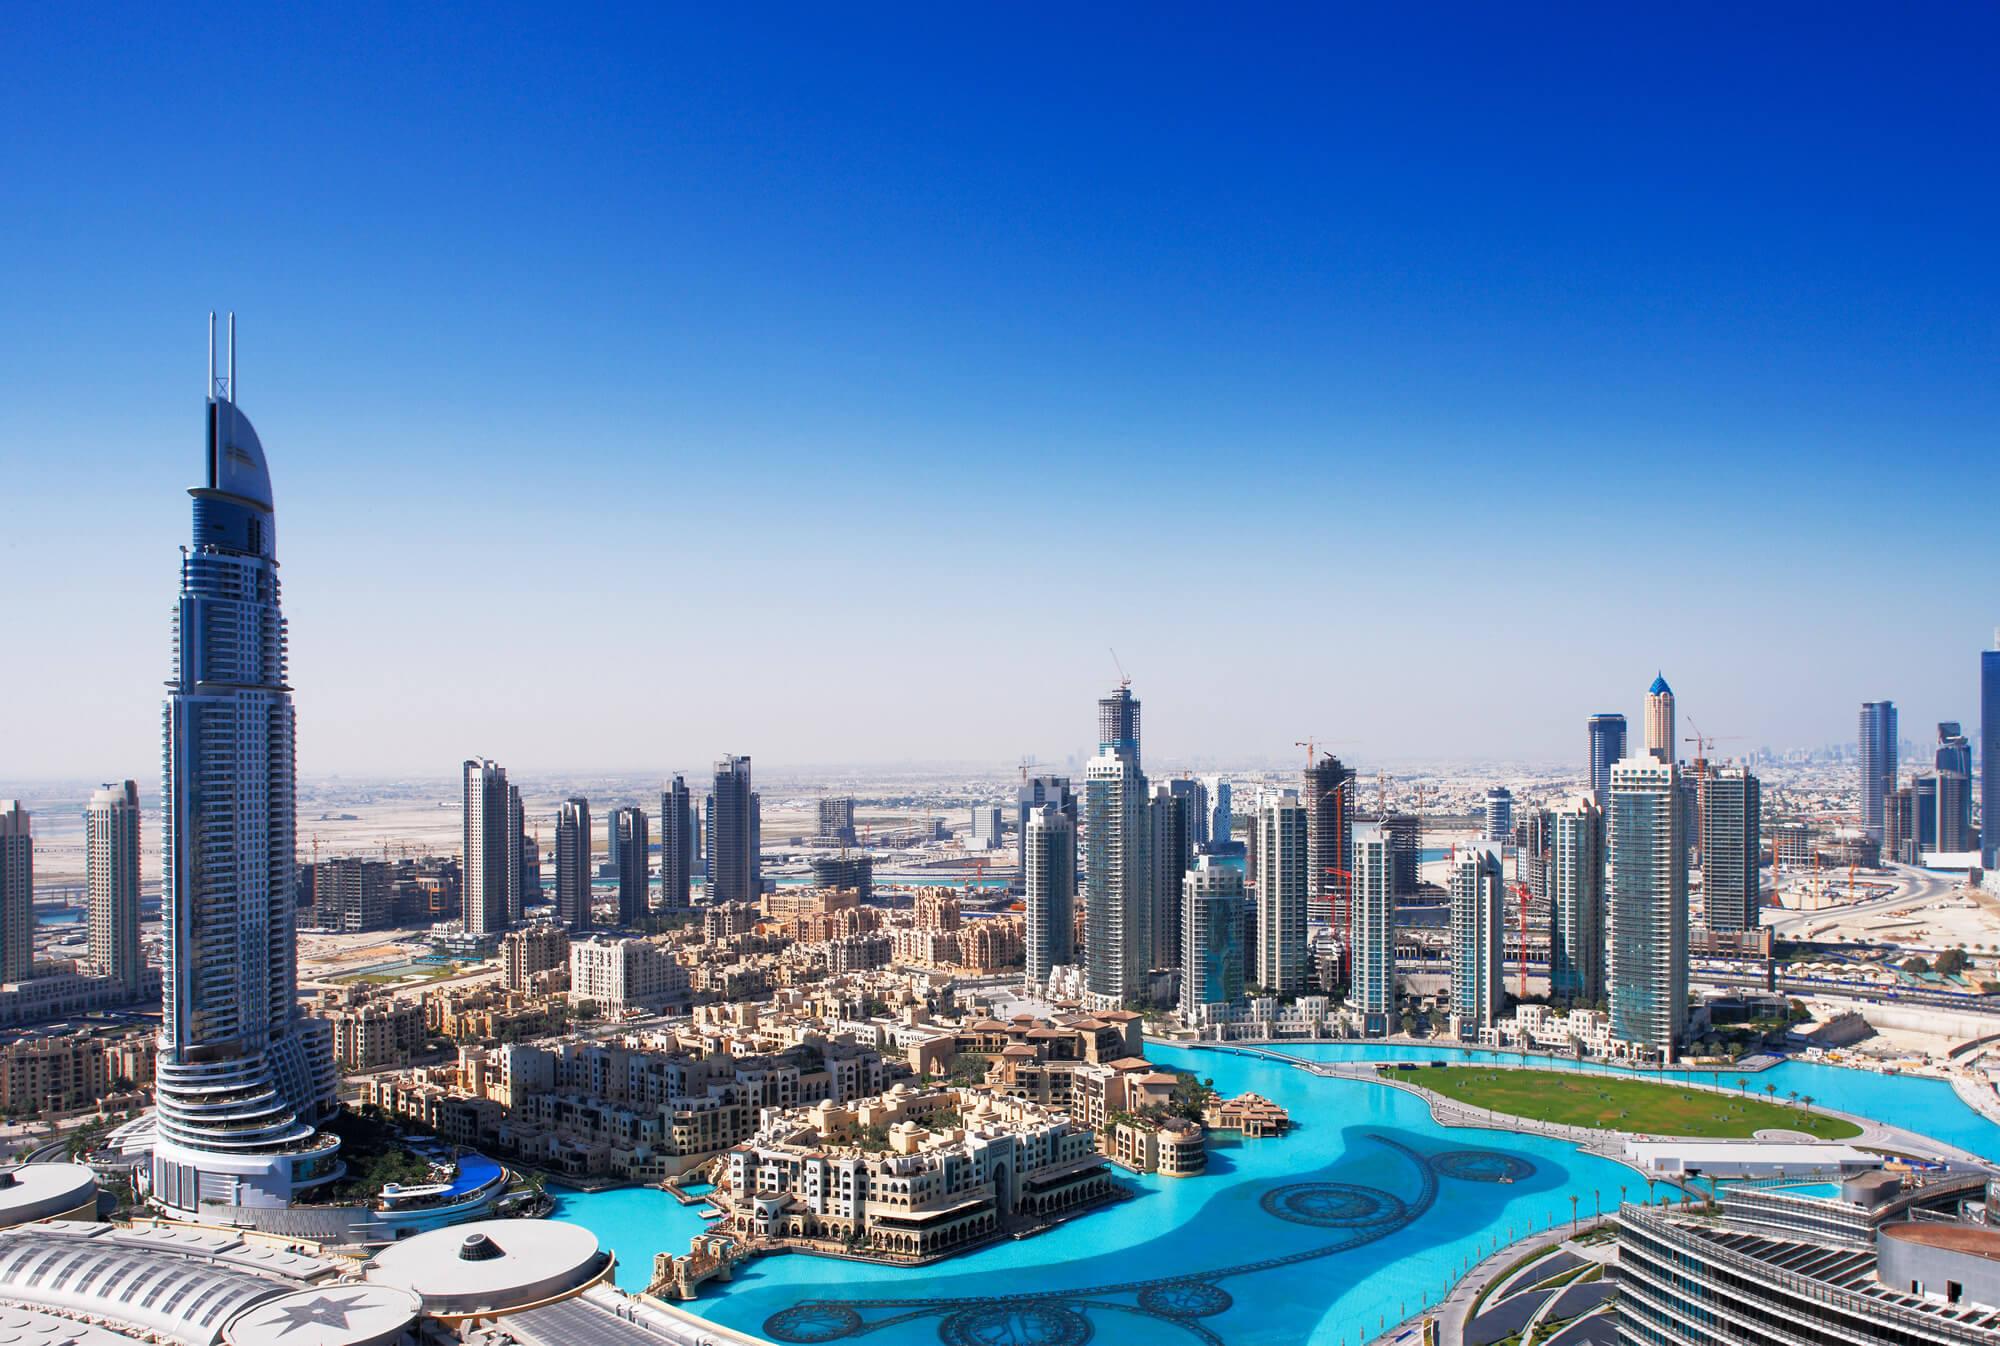 Dubai Fountain, United Arab Emirates